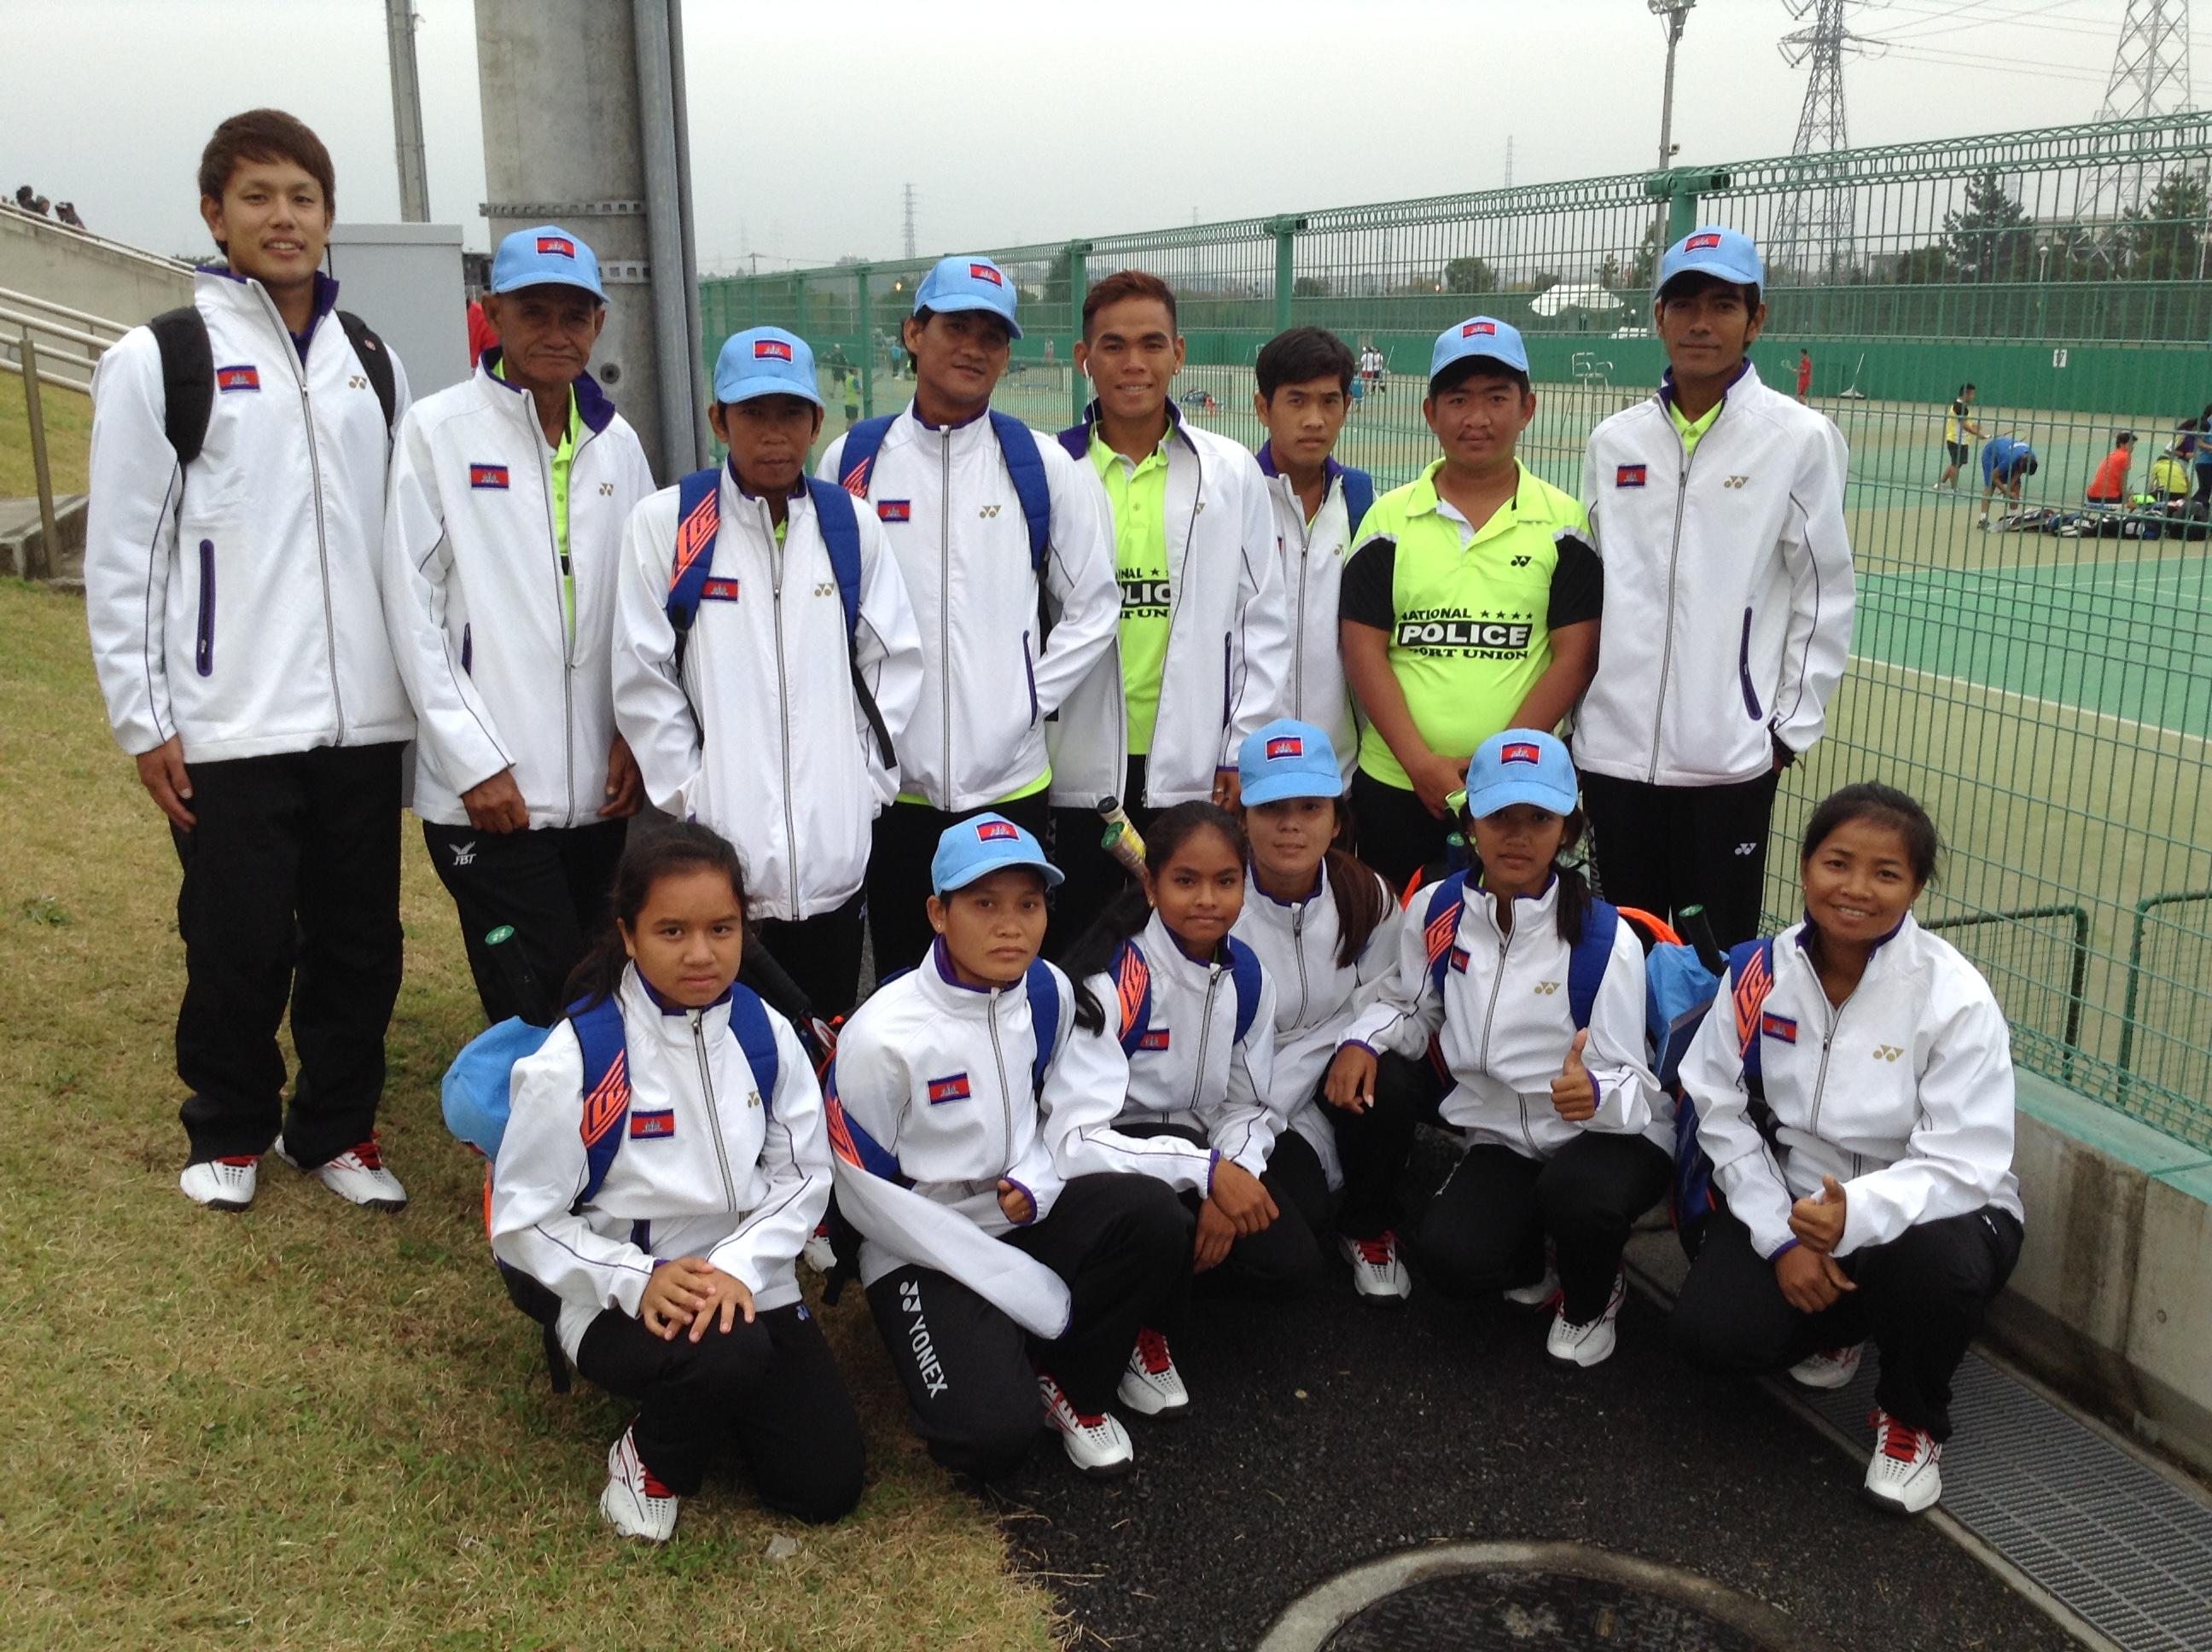 カンボジア代表の皆さん。後列左が荻原さん